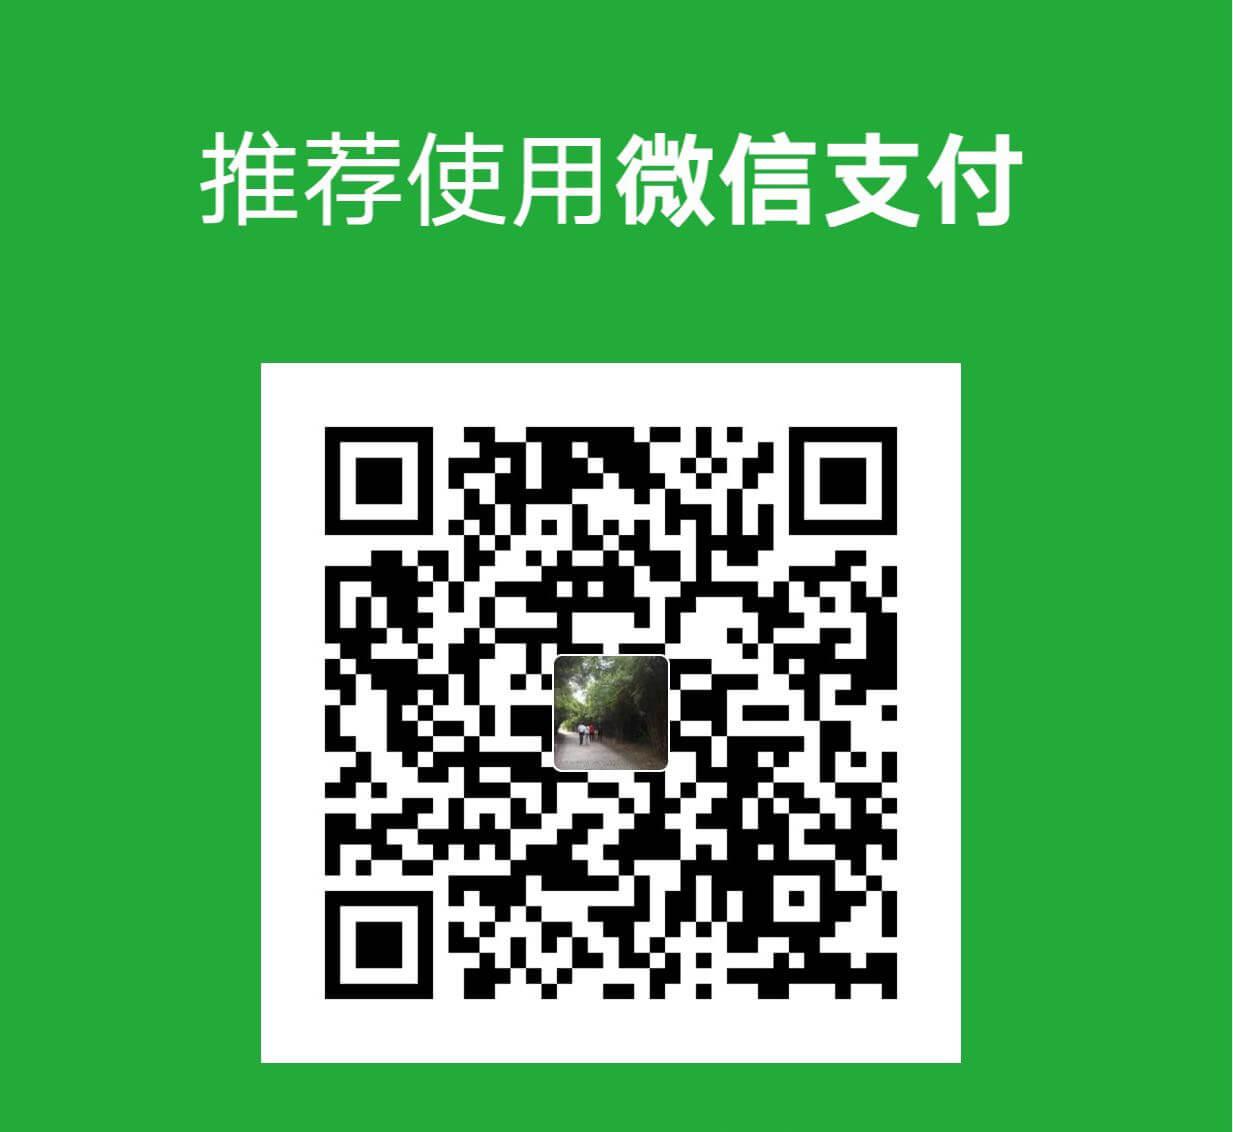 wechat-payment-speedsmount